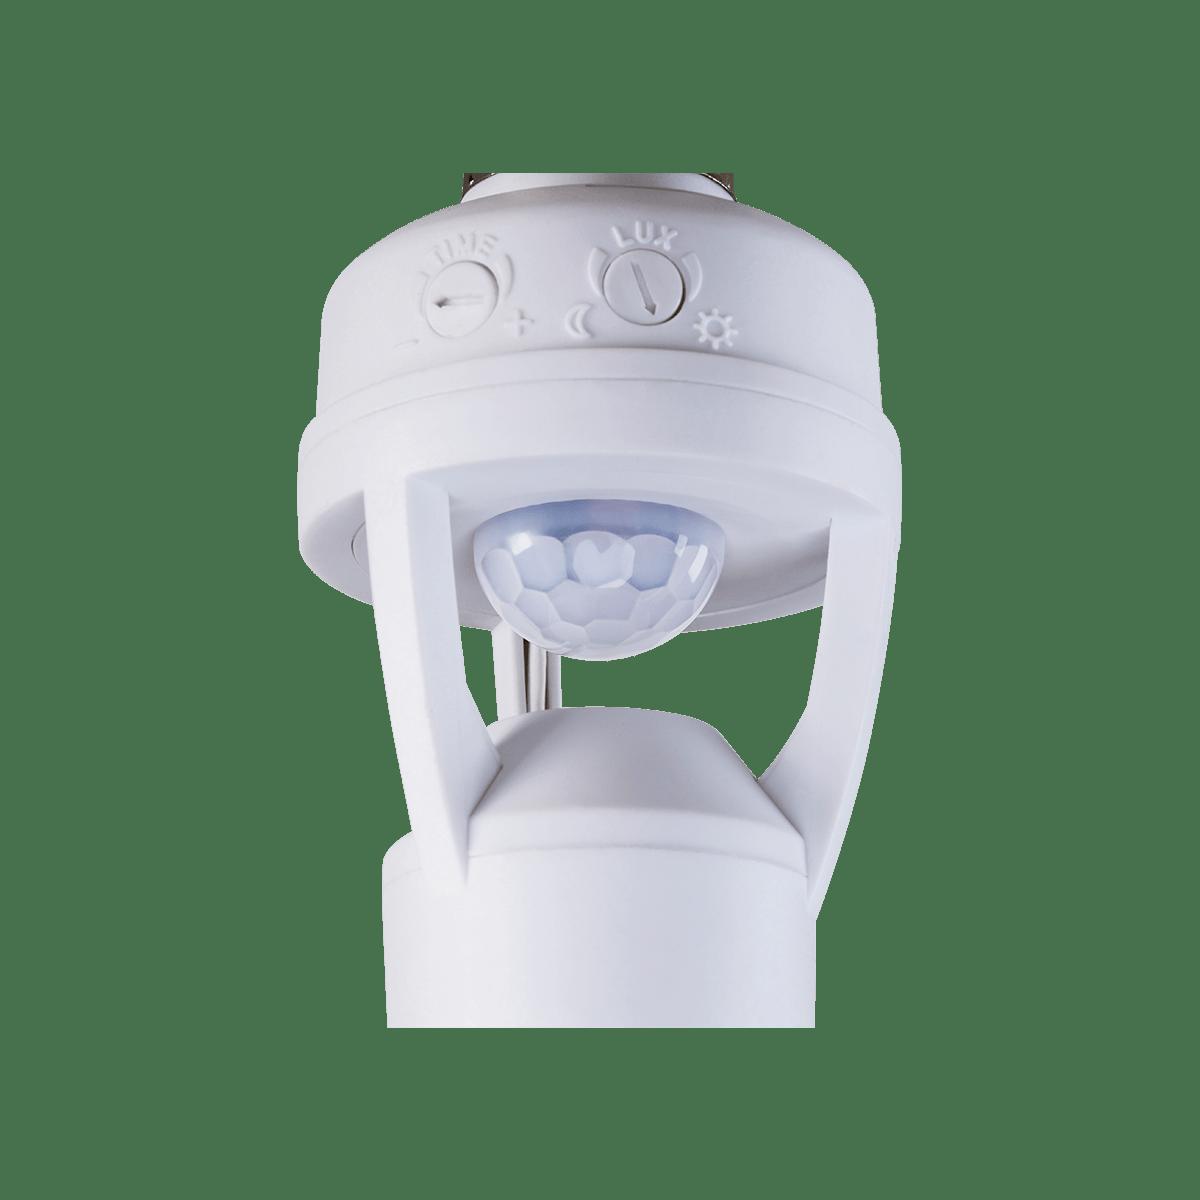 Interruptor Sensor de Presença Intelbras para iluminação com soquete ESP 360 S